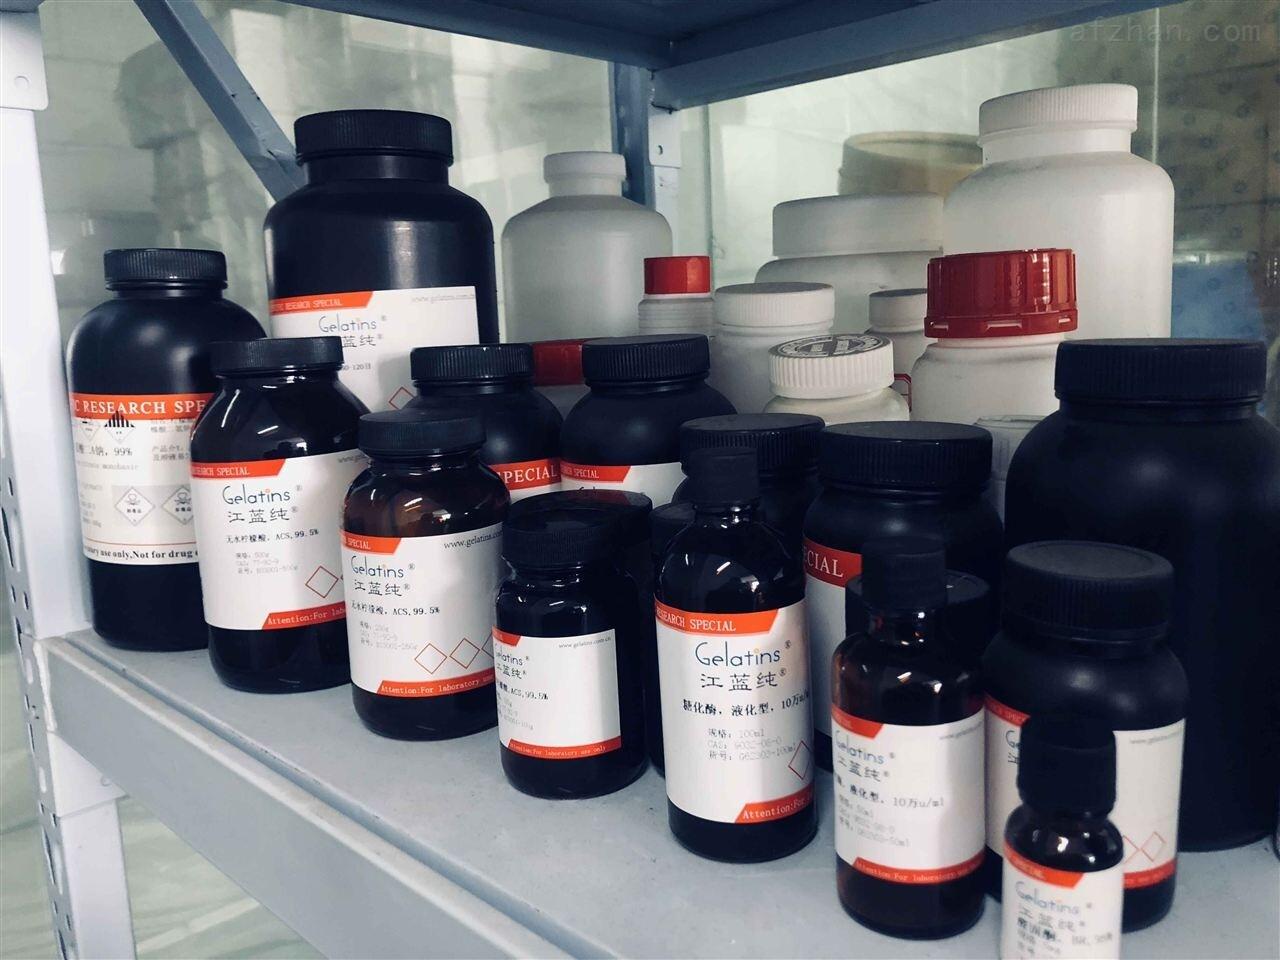 pai嗪-N,N-双(2-羟基乙磺酸)